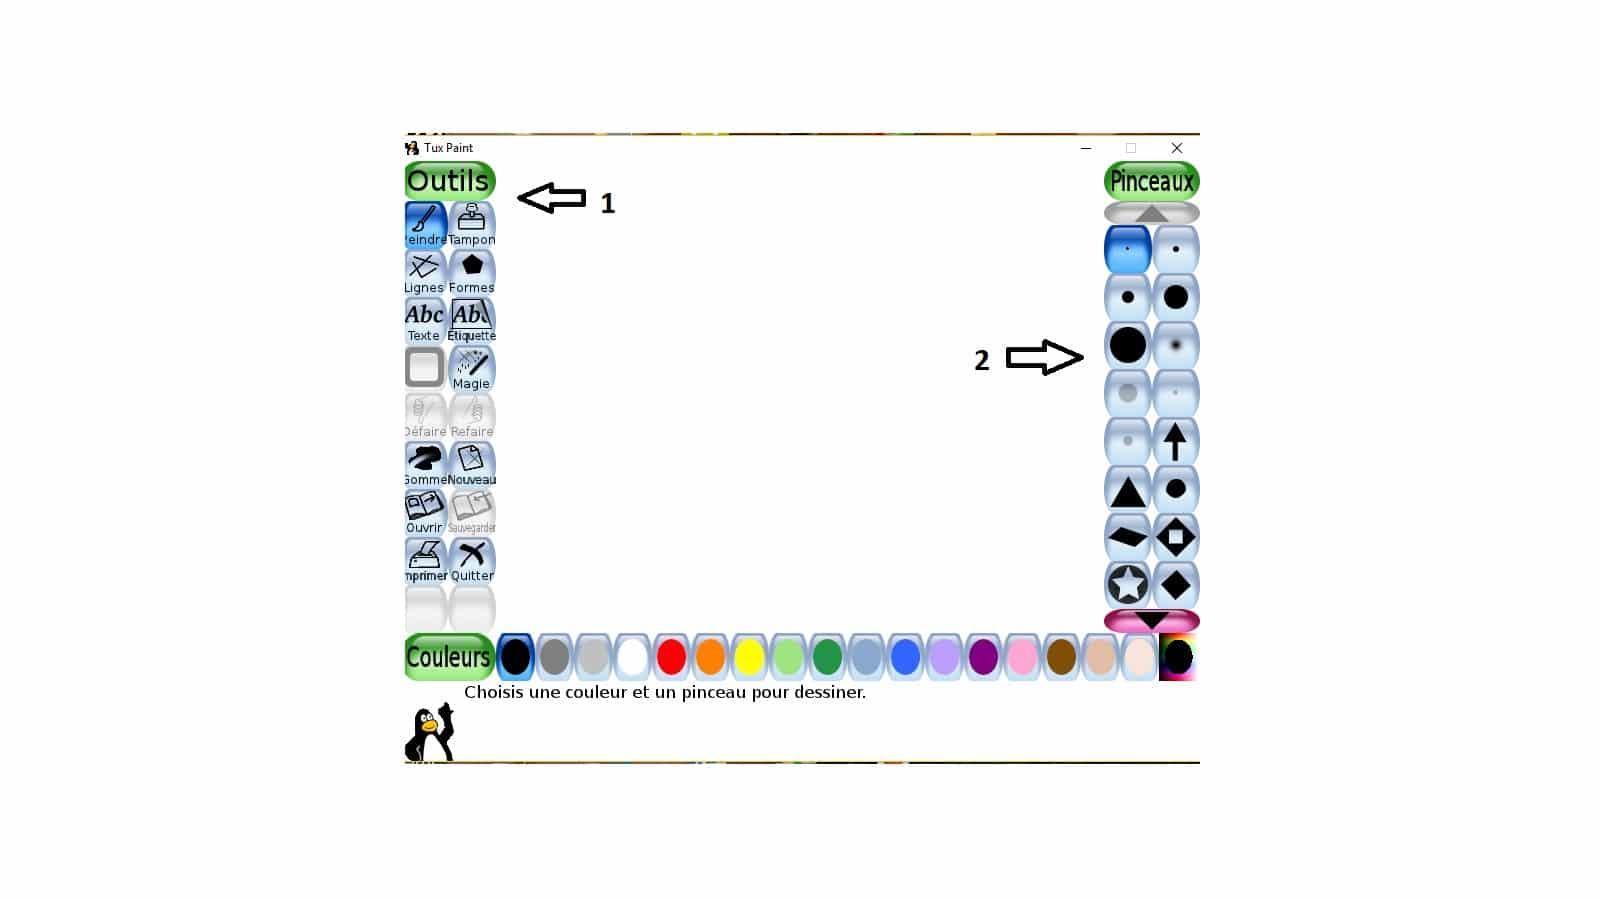 Tux Paint un logiciel de dessin utilisable dès l'age de 3 ans tutoriel 13